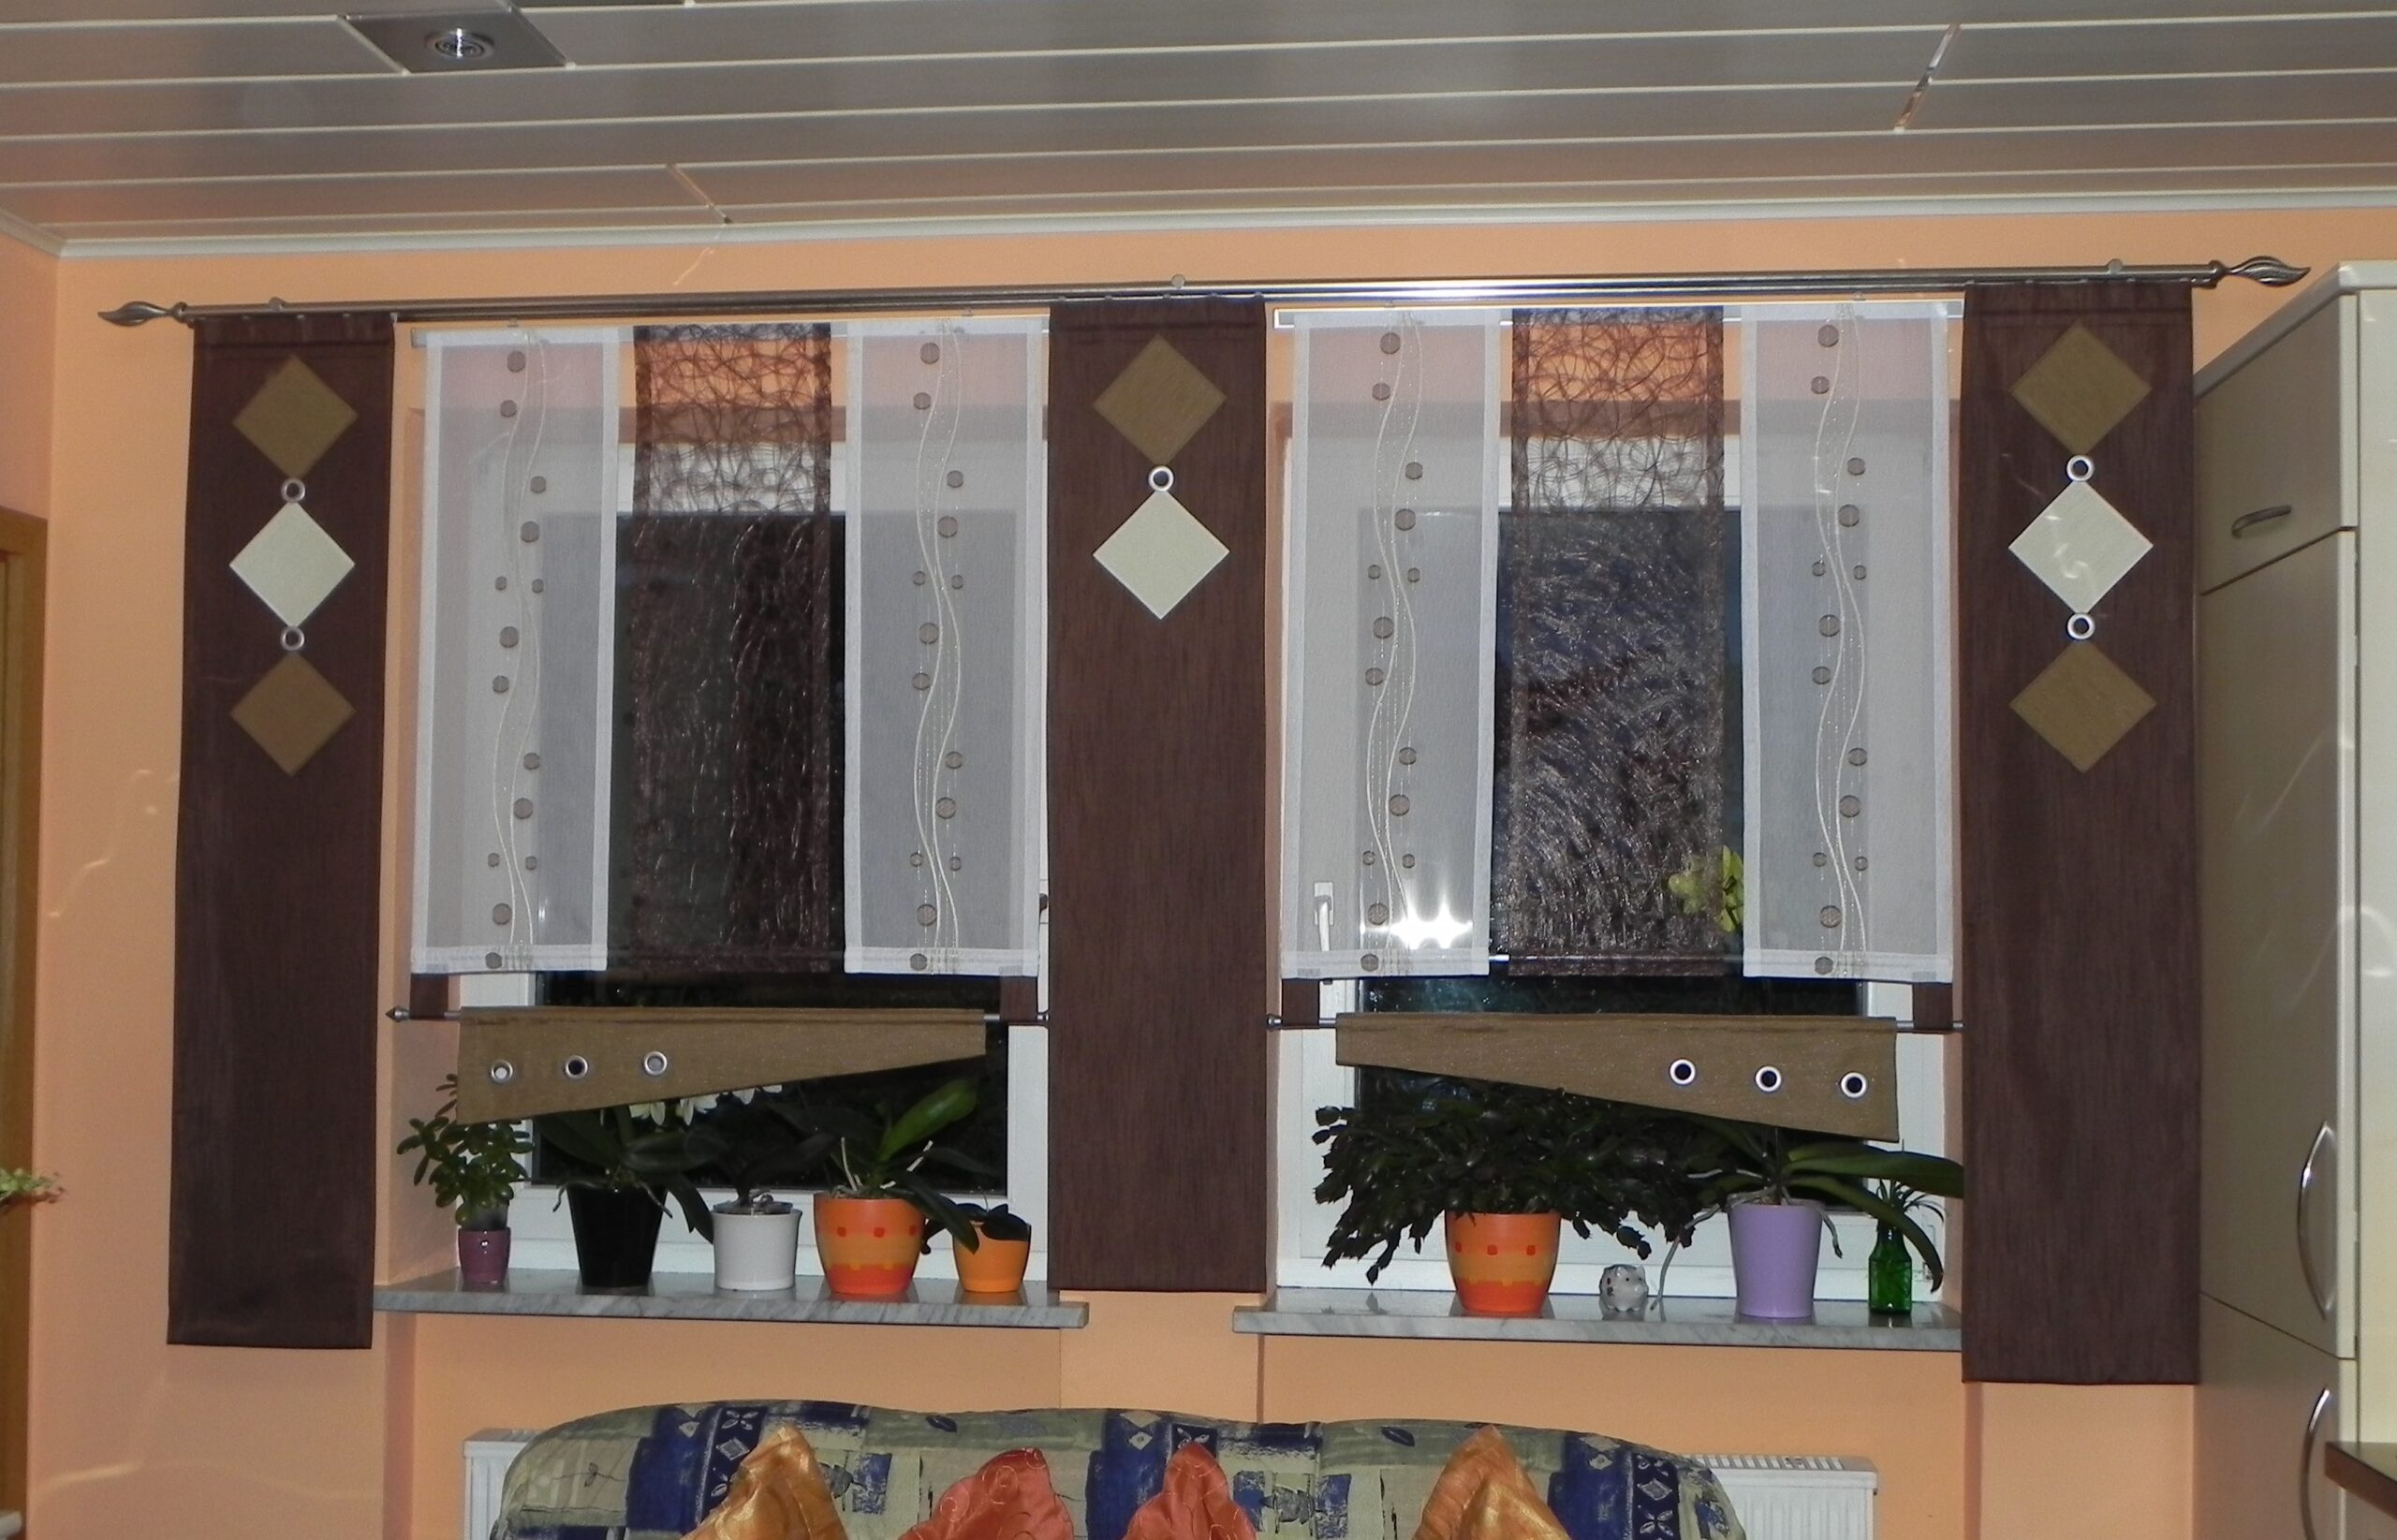 Full Size of Margas Gardinenstudio Gardinenstoffe Und Gardinen Nach Wunschma Tapete Küche Modern Für Schlafzimmer Modernes Sofa Esstisch Moderne Bilder Fürs Wohnzimmer Wohnzimmer Modern Gardinen